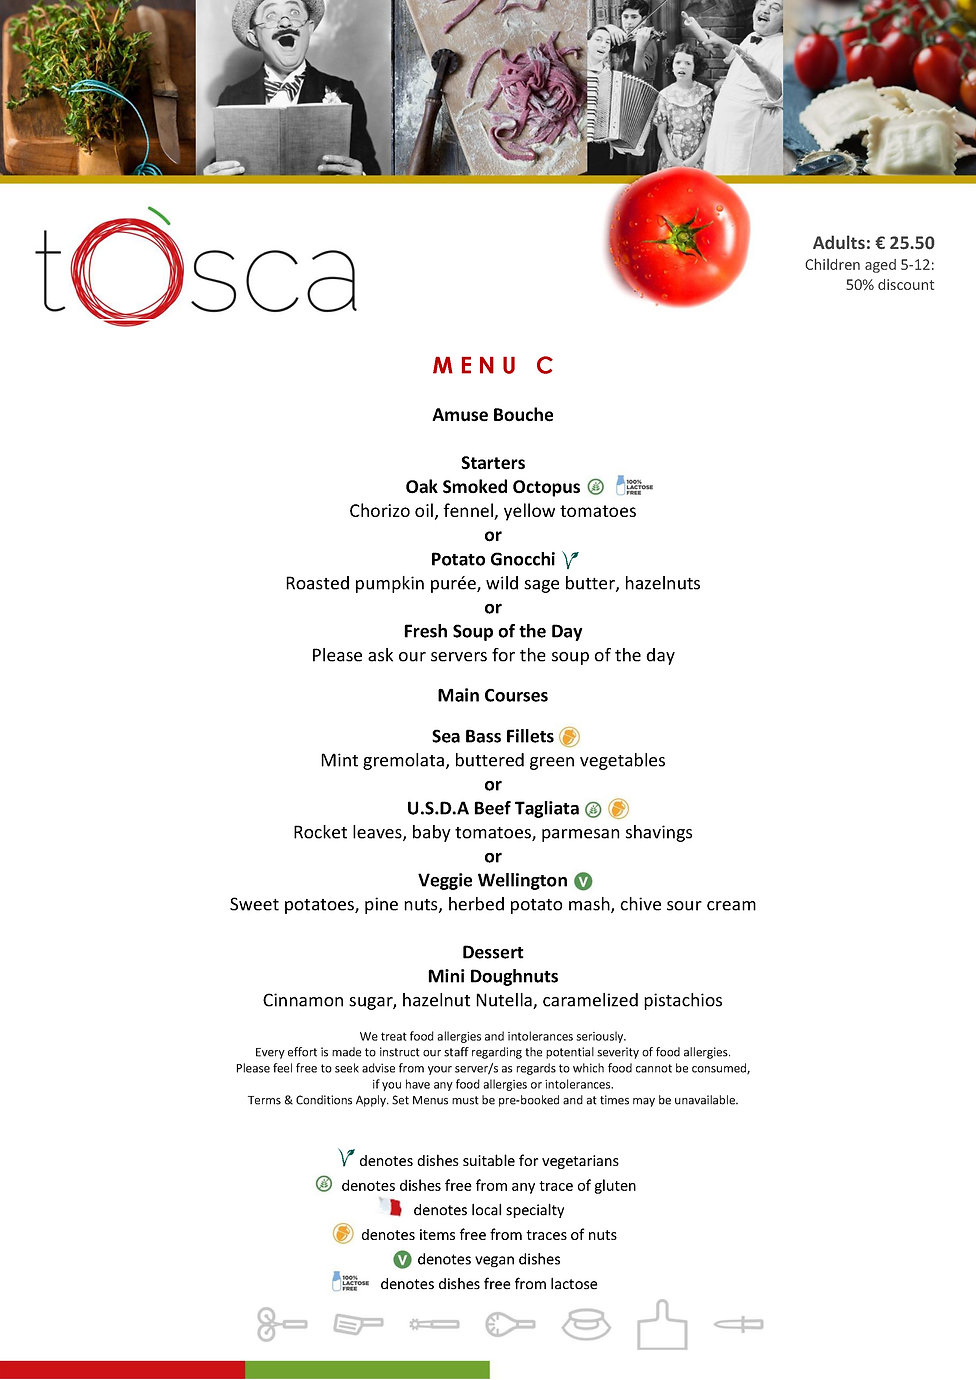 Tosca New Set Menus 2020_Page_3.jpg